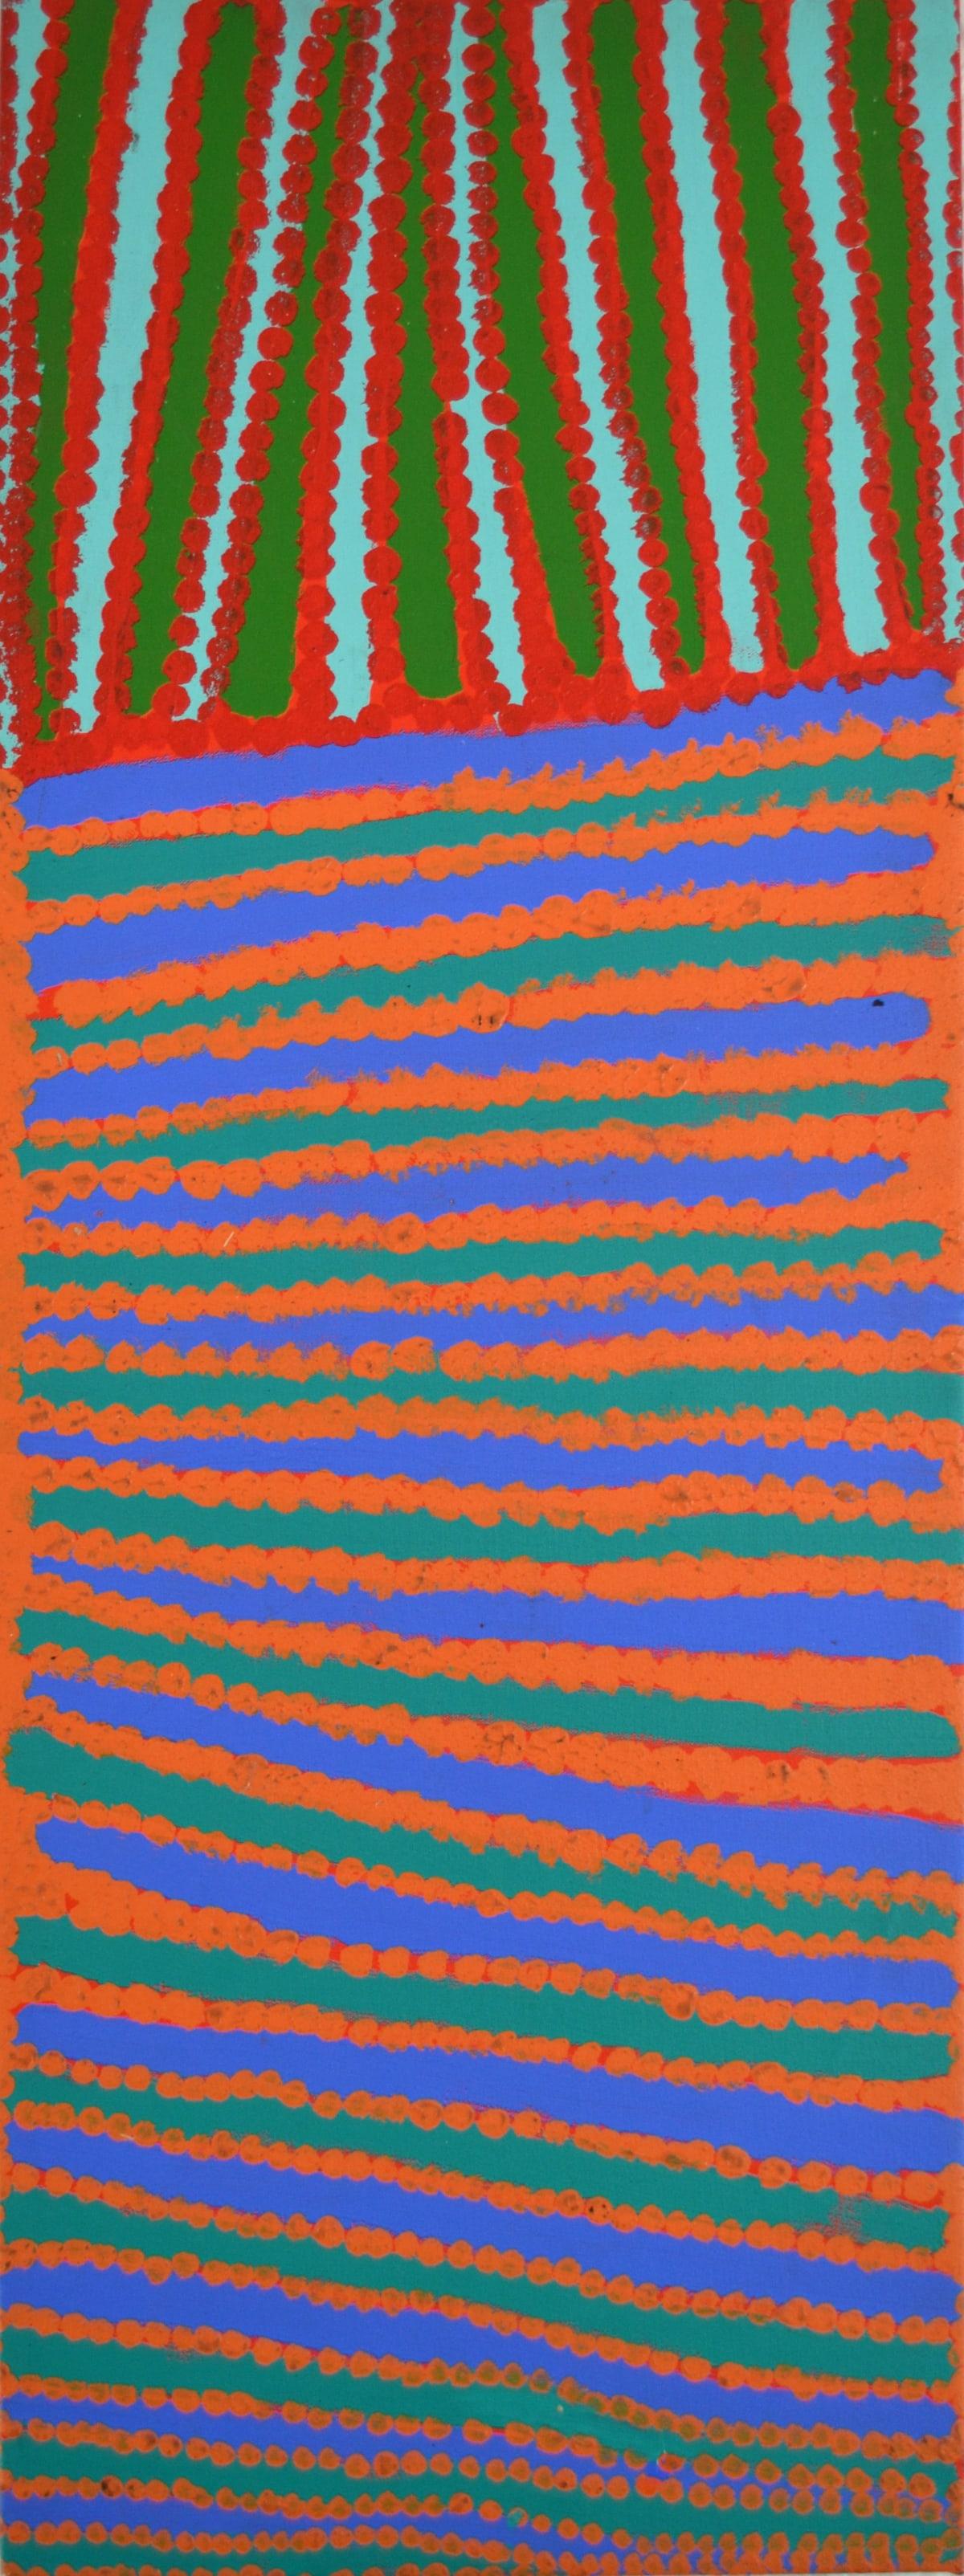 Donald Moko Ilungorr acrylic on canvas 45.5 x 121 cm